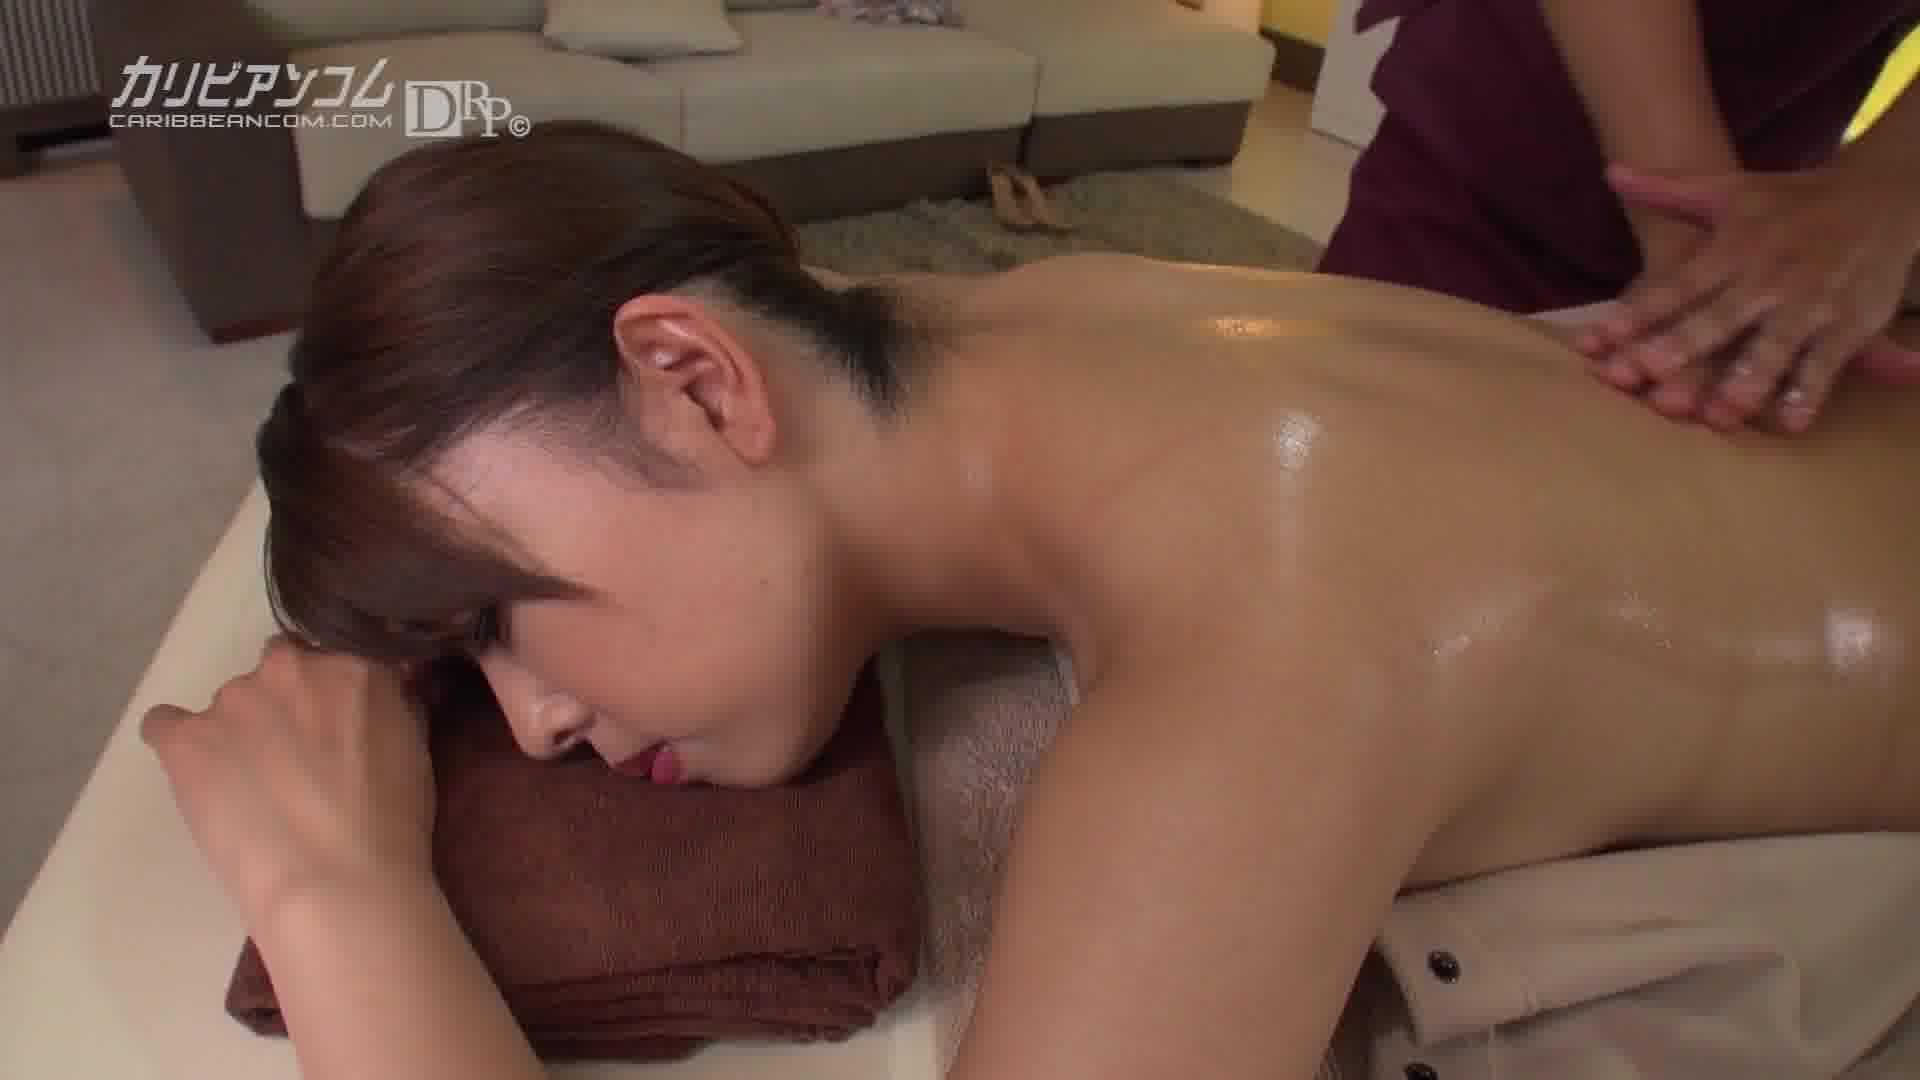 メンズエステサロンに嵌る人妻 - 立花紫保【痴女・ザーメン・中出し】